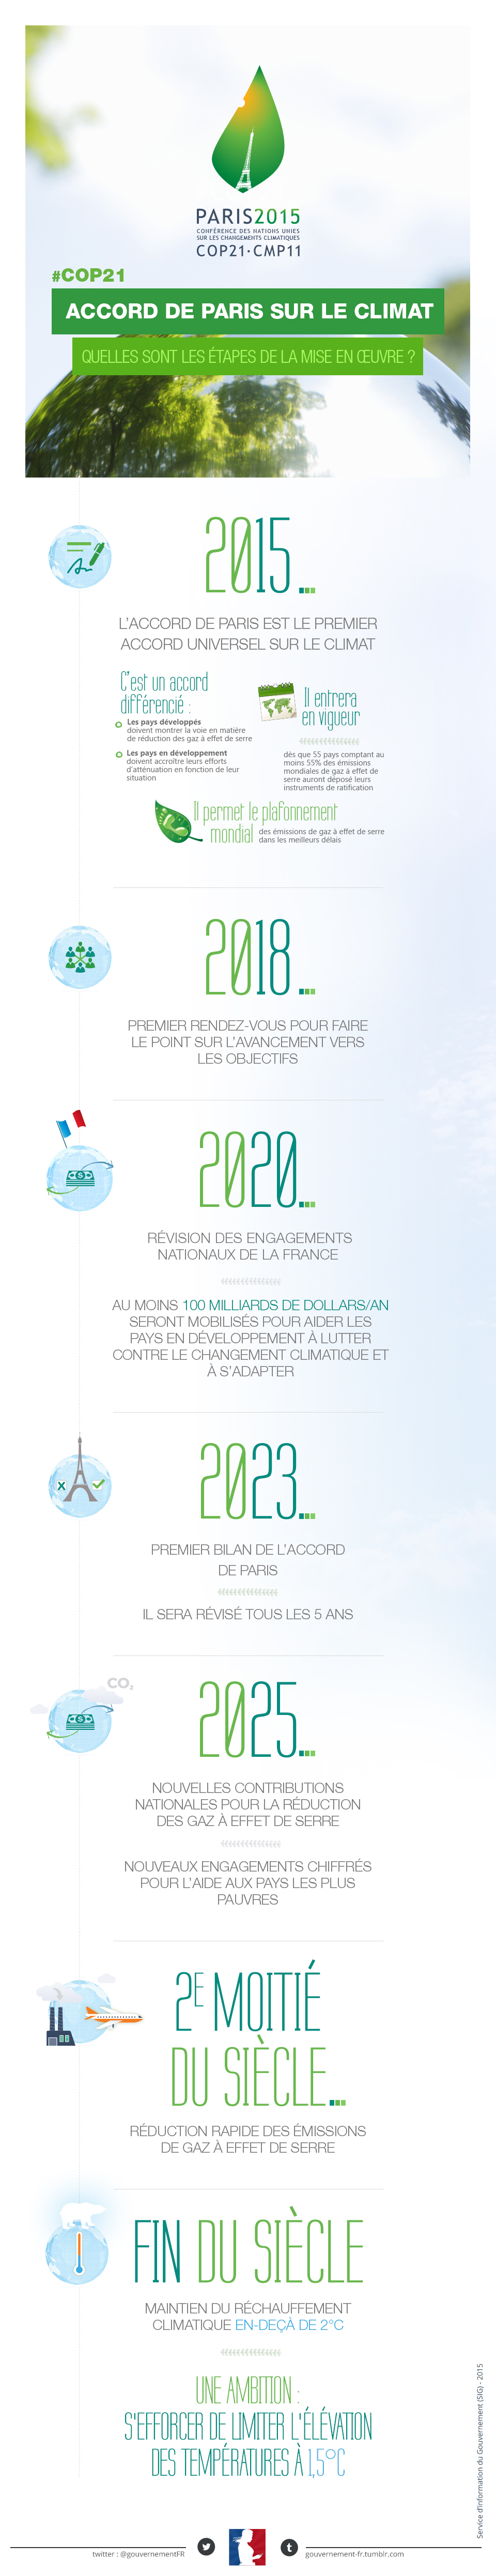 Infographie sur l'Accord de Paris - voir en plus grand